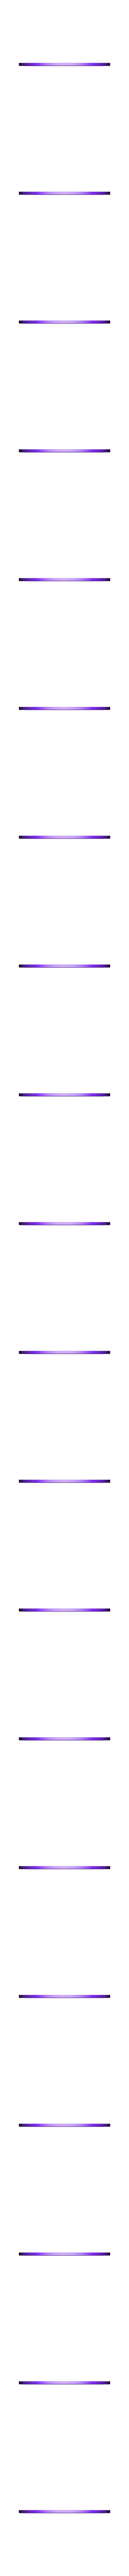 ironma_1.stl Télécharger fichier STL gratuit logo homme de fer • Objet pour imprimante 3D, ramon_lol123